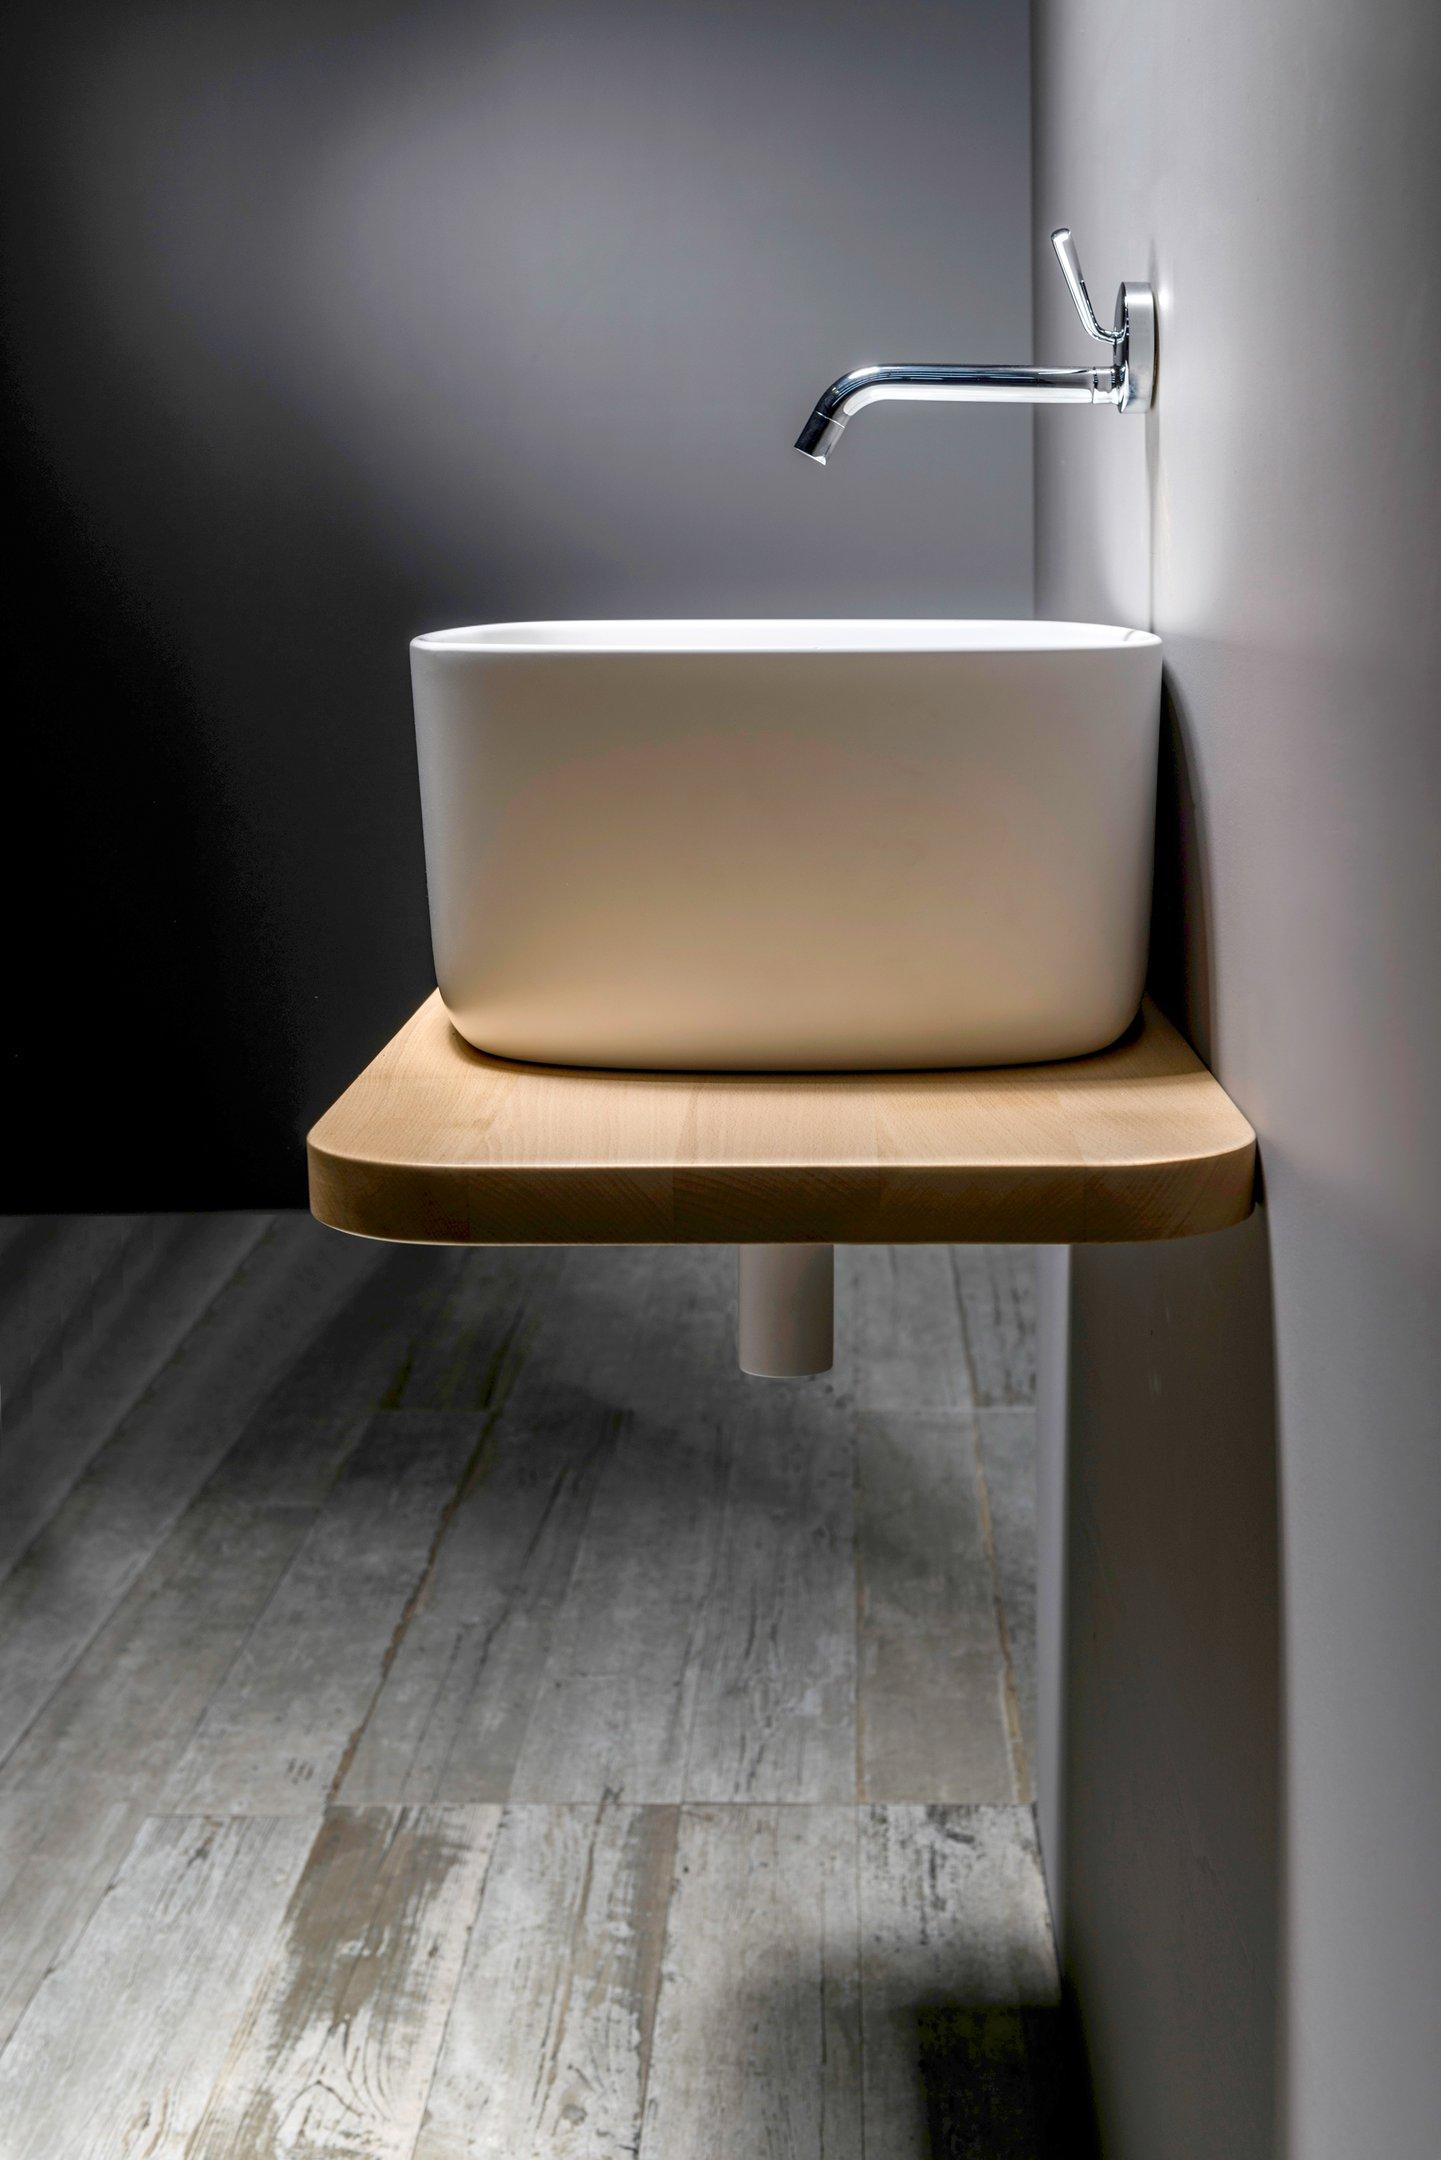 Etagere Pour Vasque A Poser bounce counter hang lavabo met legger